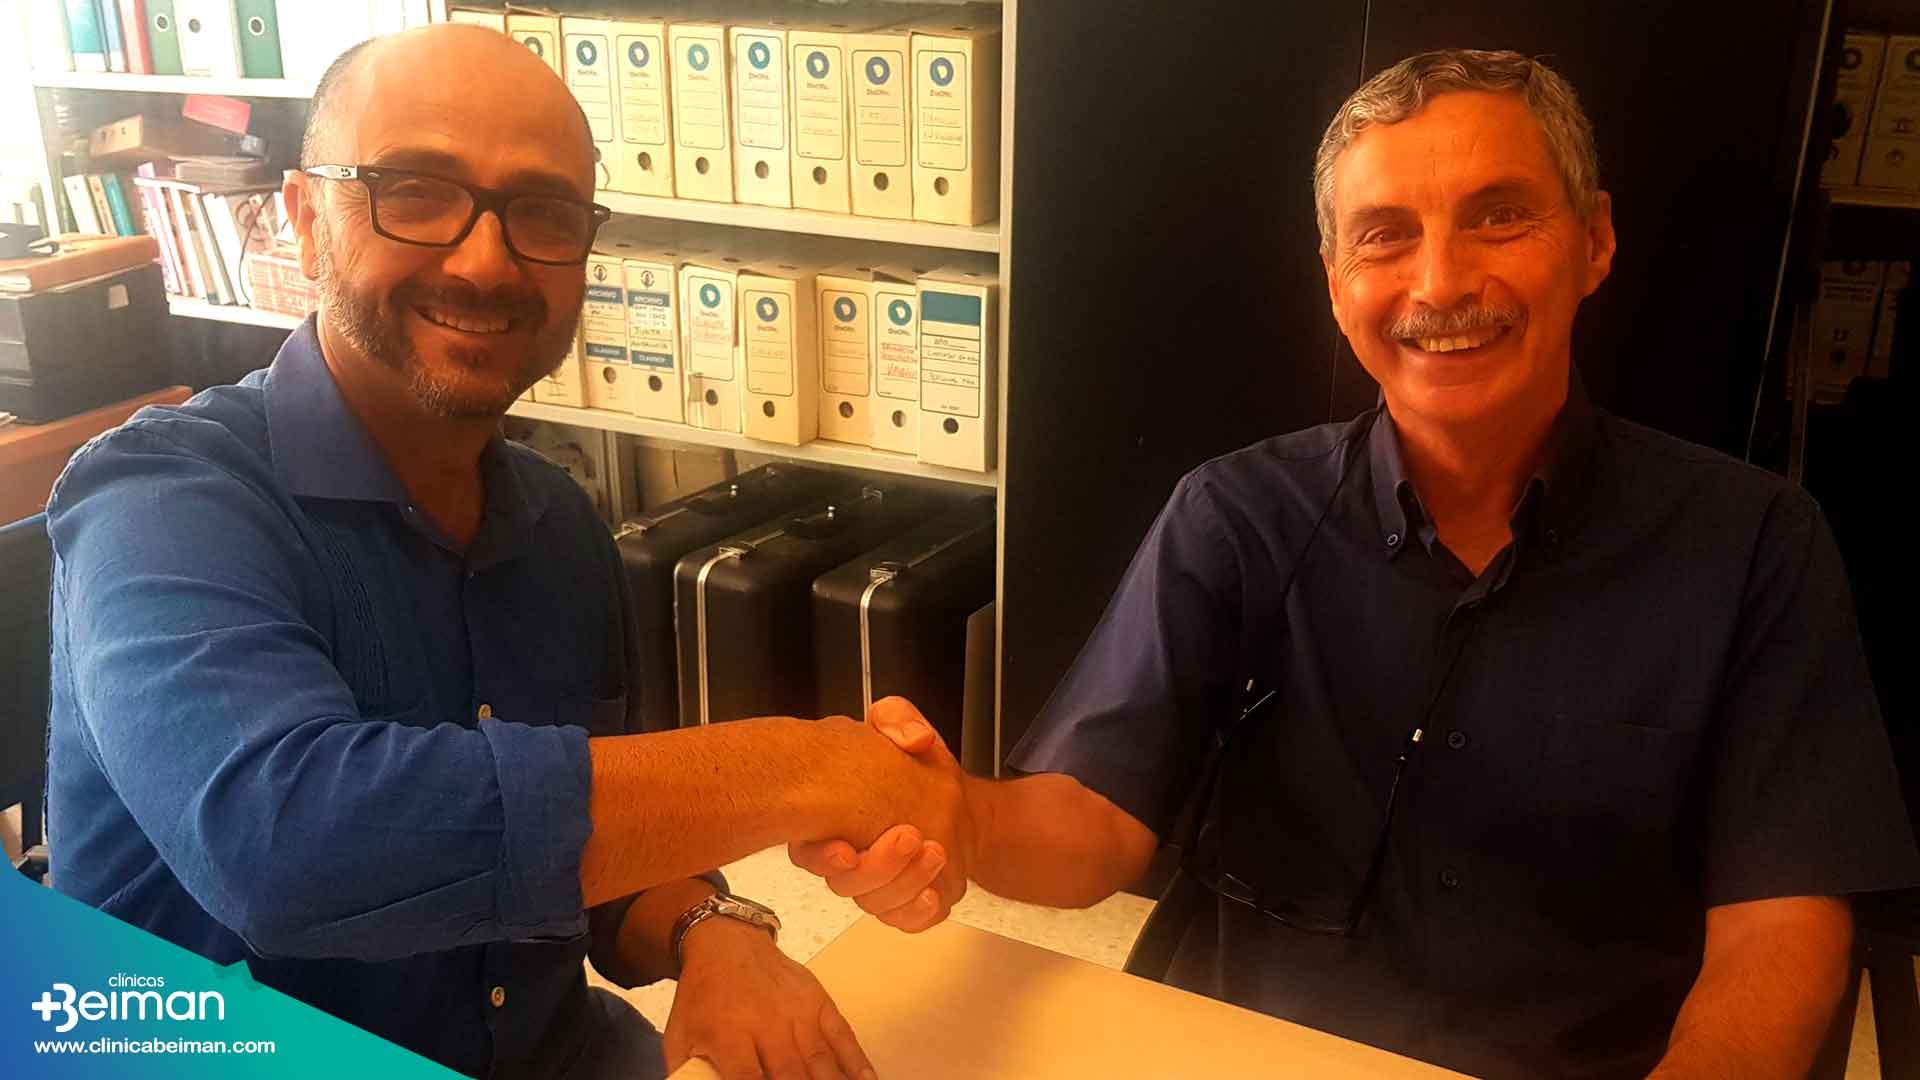 Federación Andaluza de Atletismo y Beiman